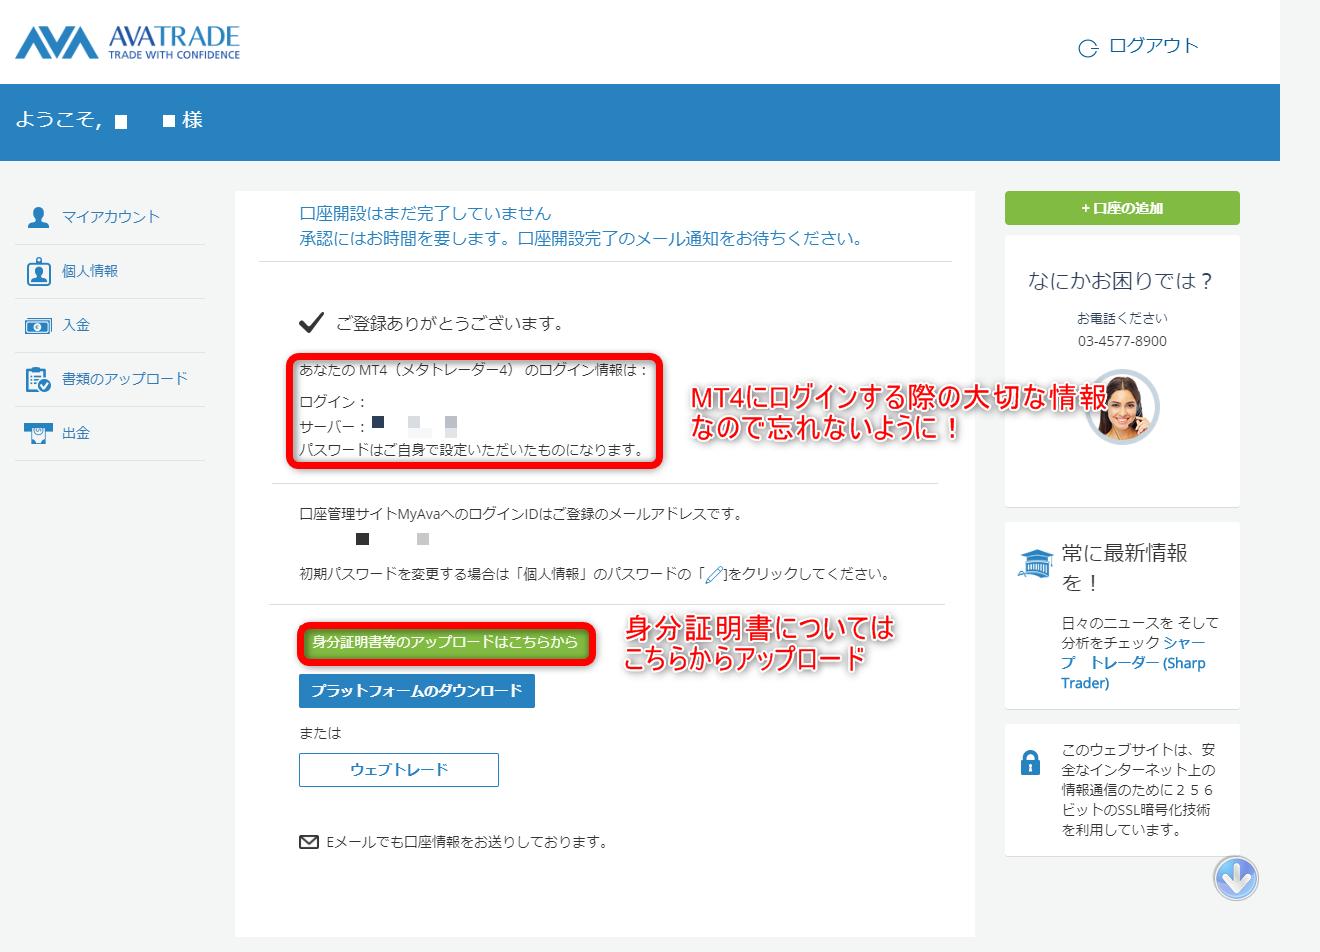 MT4のログイン情報の画像